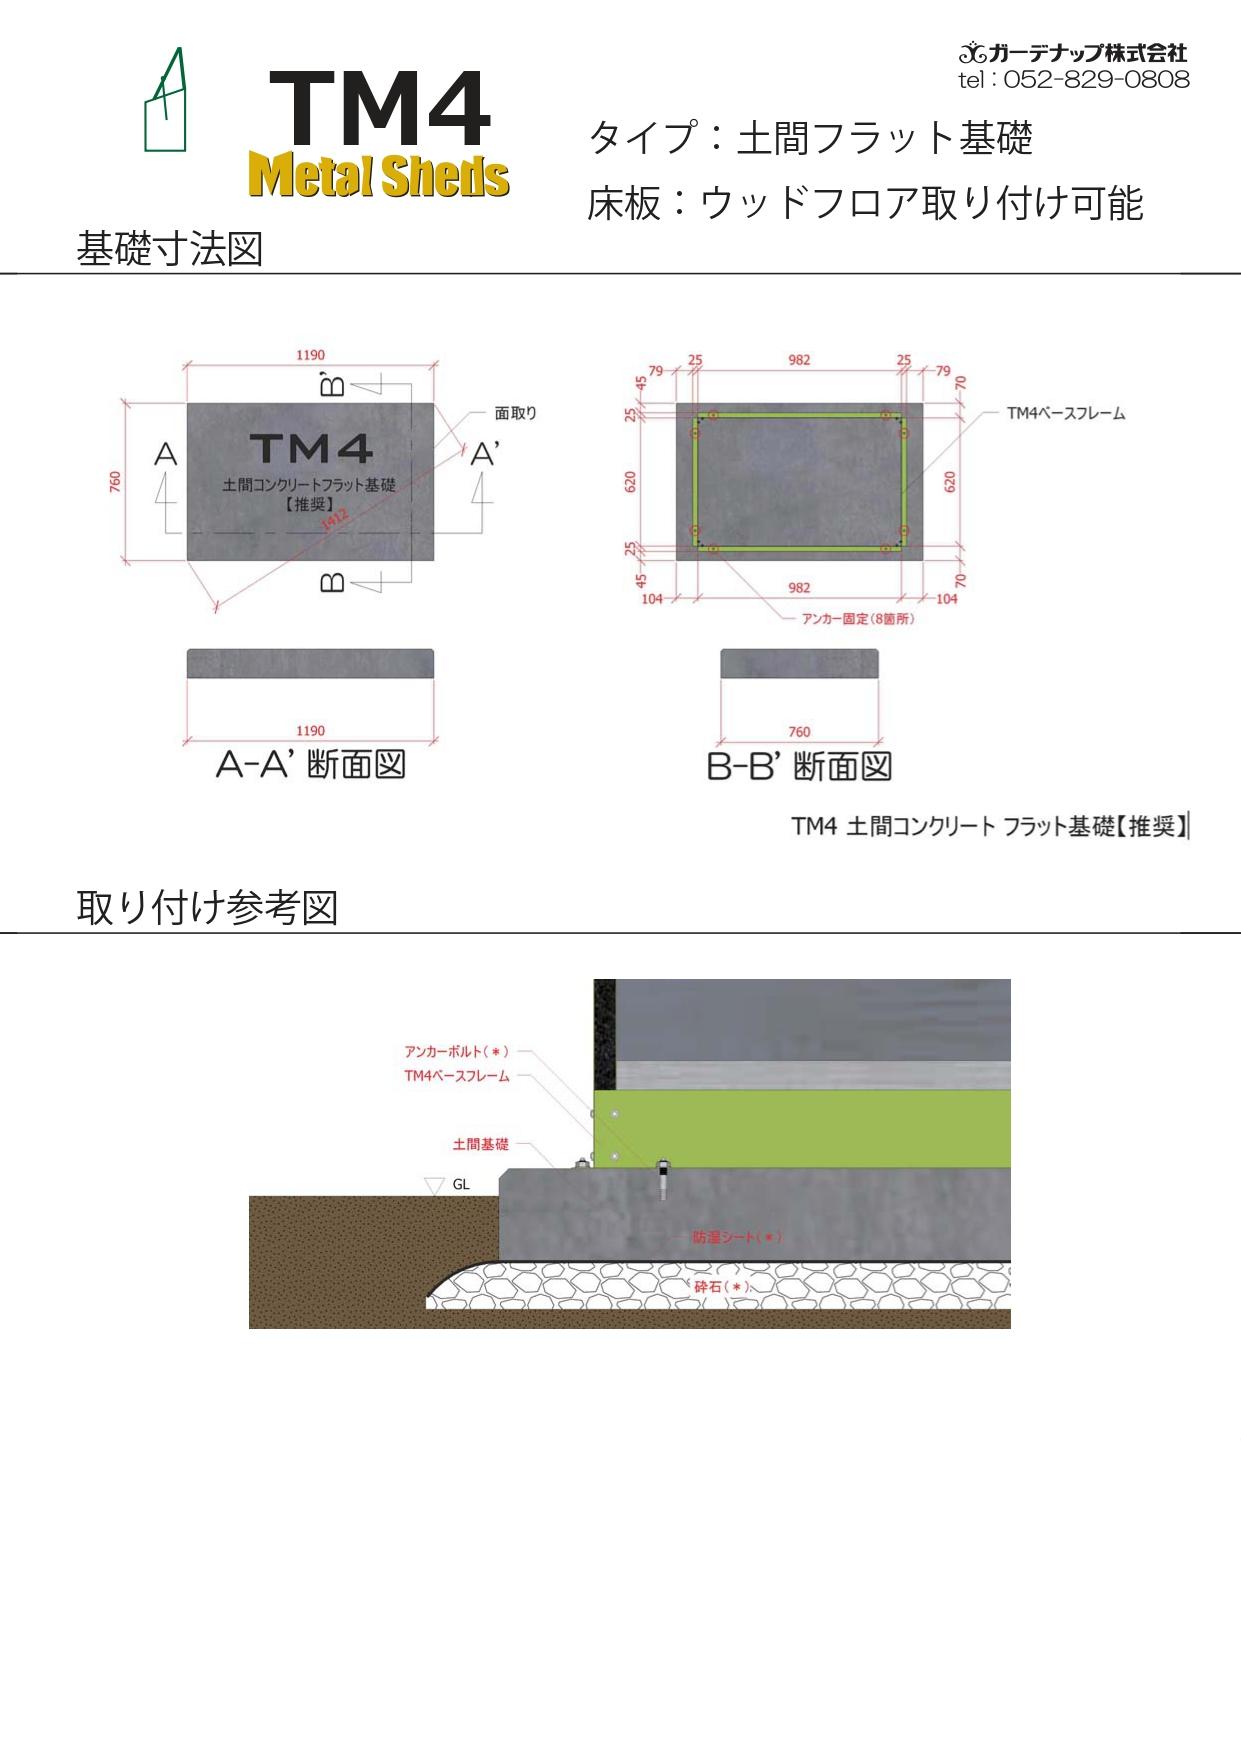 ミニストレージTM4 説明書_page-0016